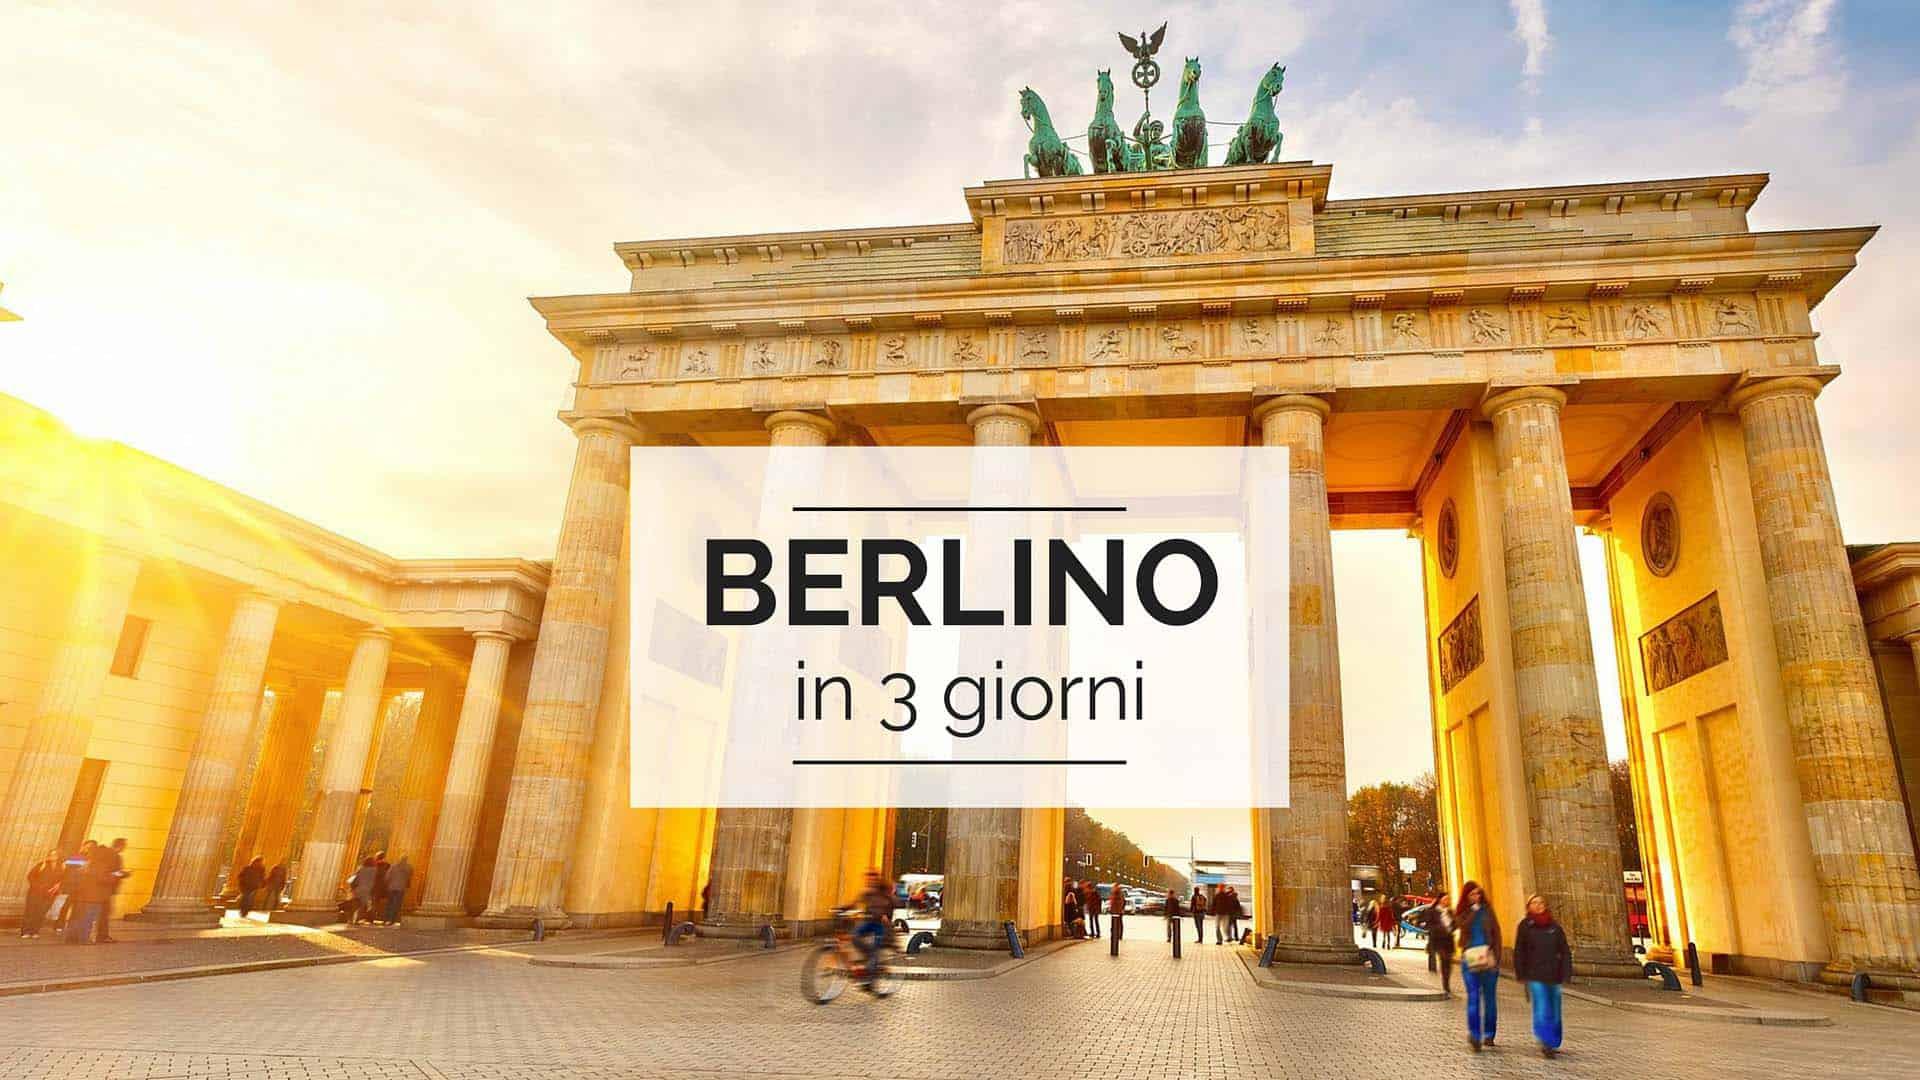 Berlino in 3 giorni consigli utili per un week end lungo